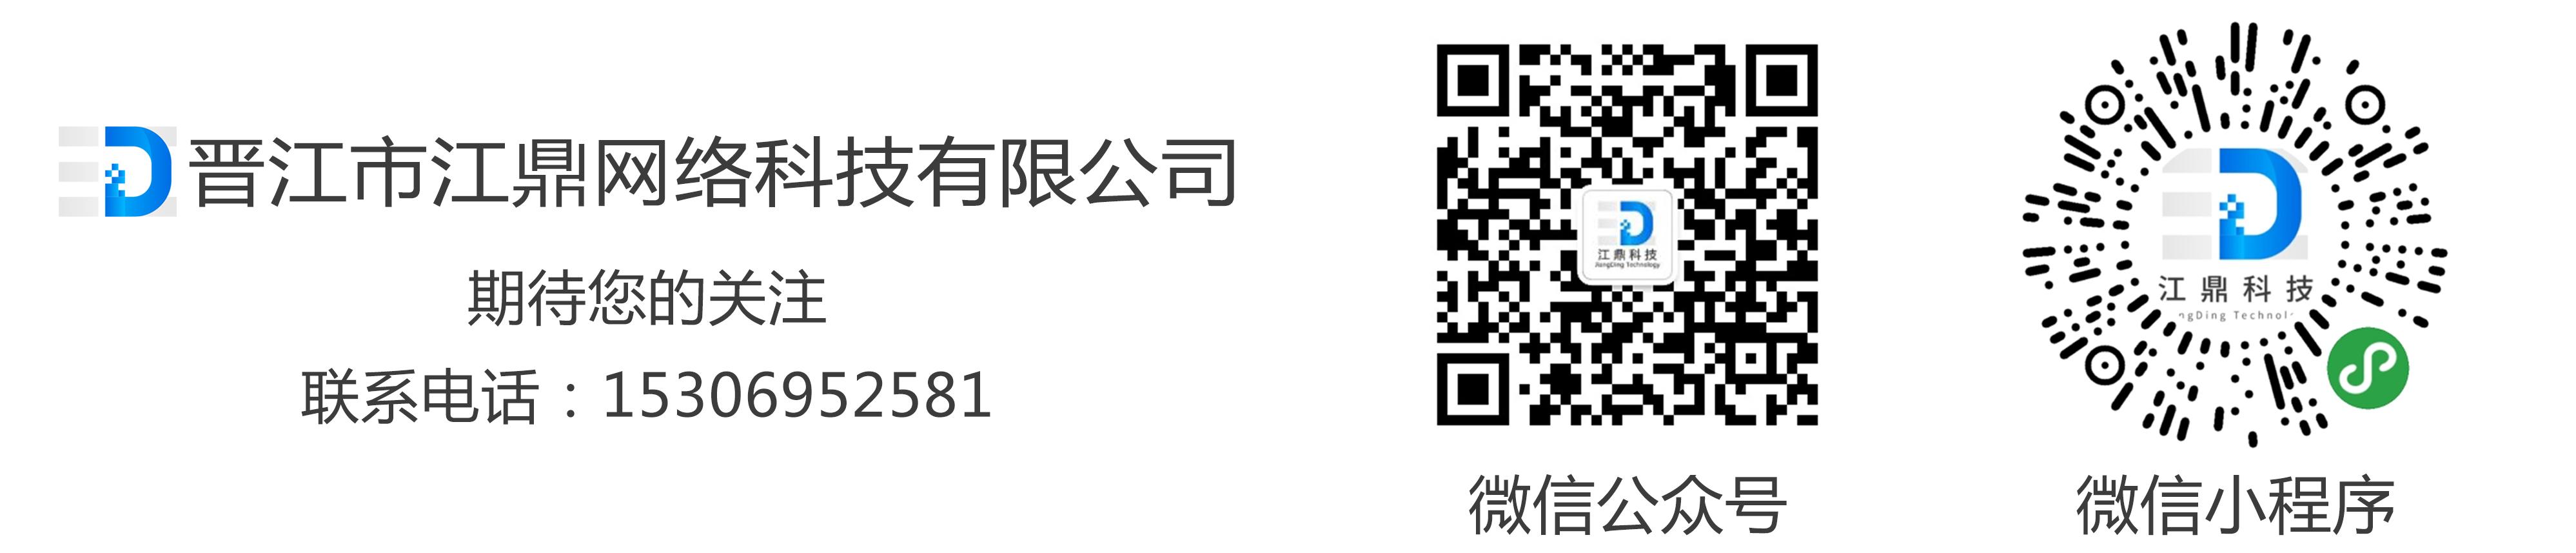 江鼎科技公众号与小程序引导页